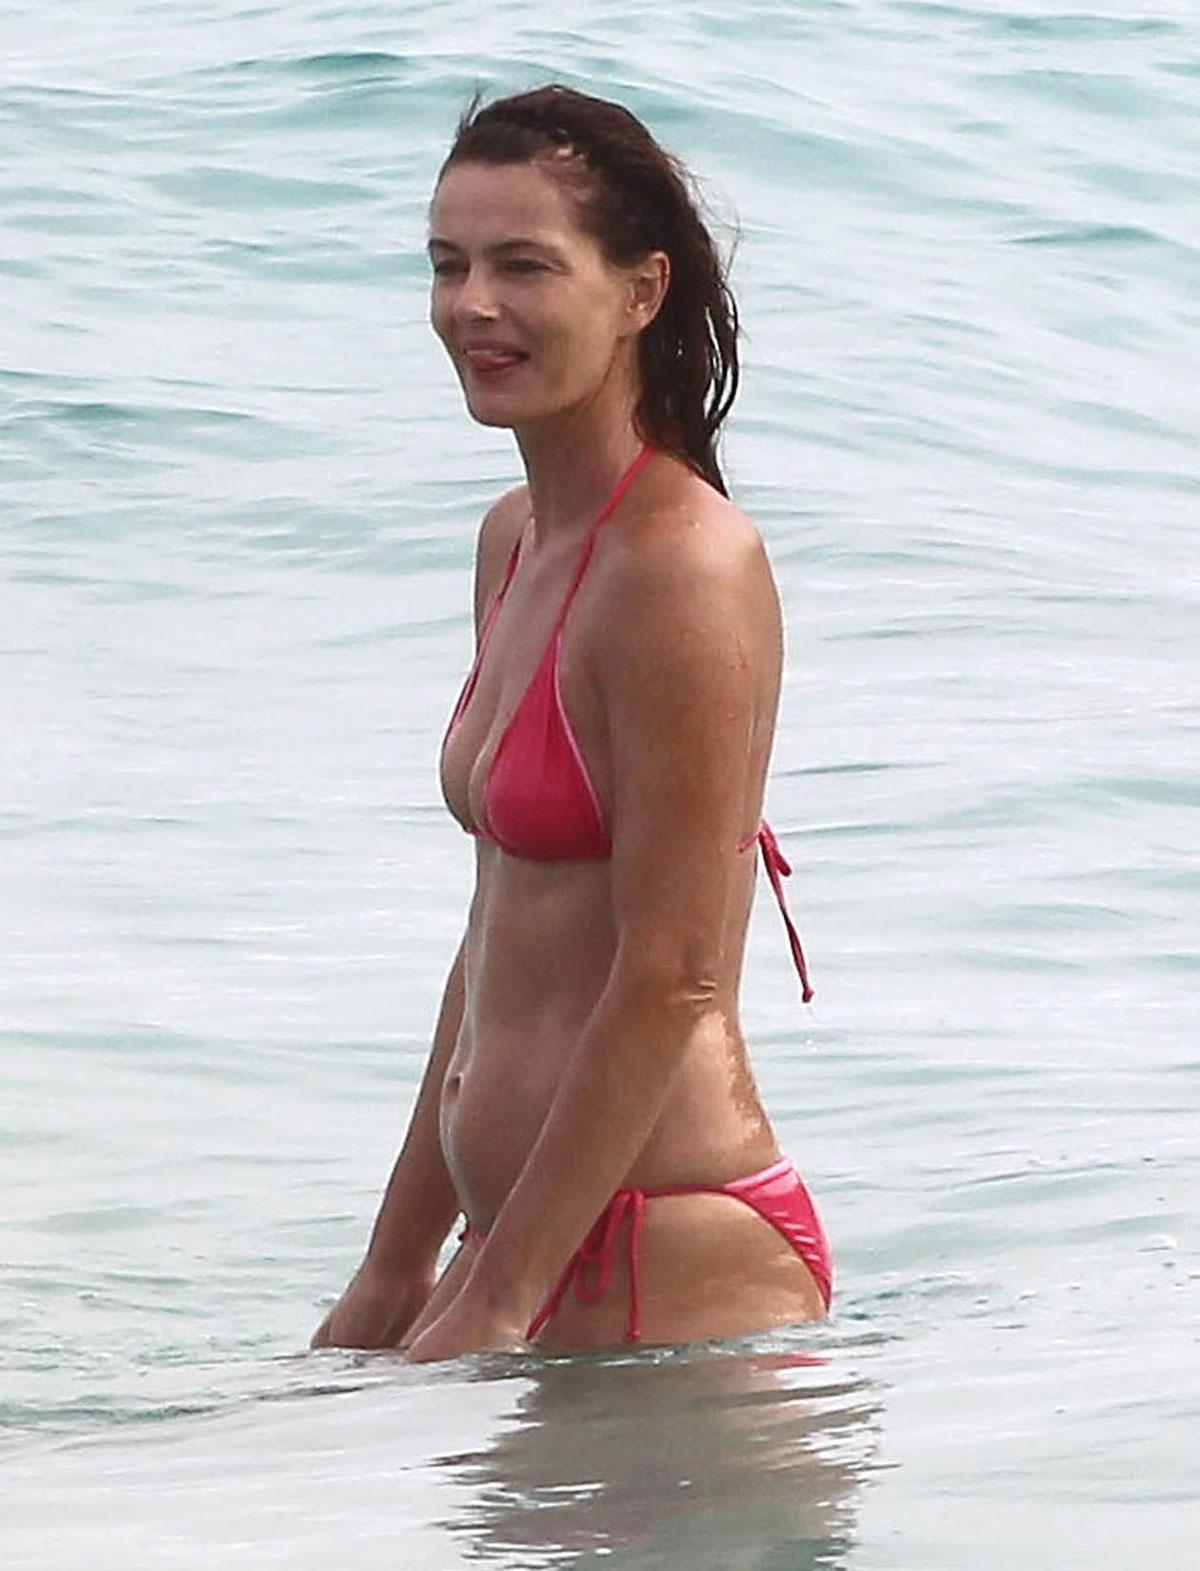 Bikini Paulina Porizkova nudes (87 photo), Sexy, Paparazzi, Boobs, cameltoe 2018